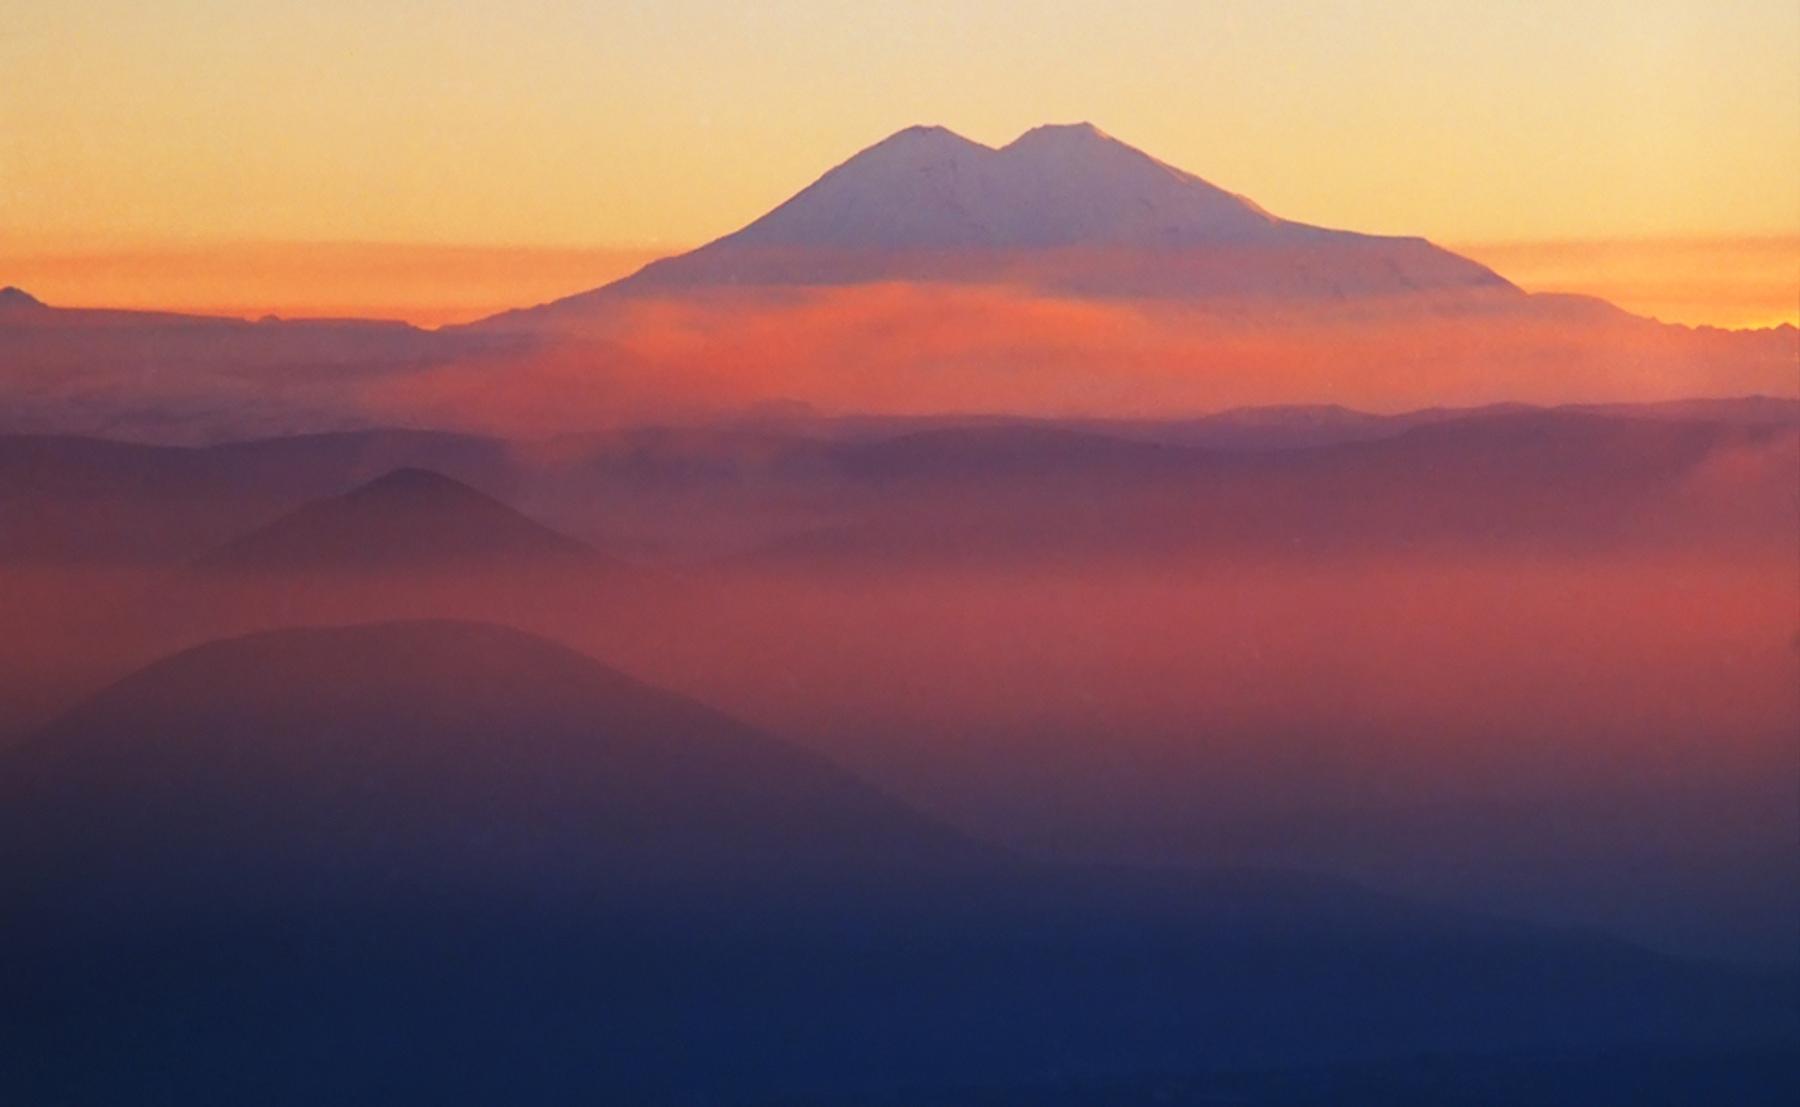 Самые красивые горные вершины России: Эльбрус